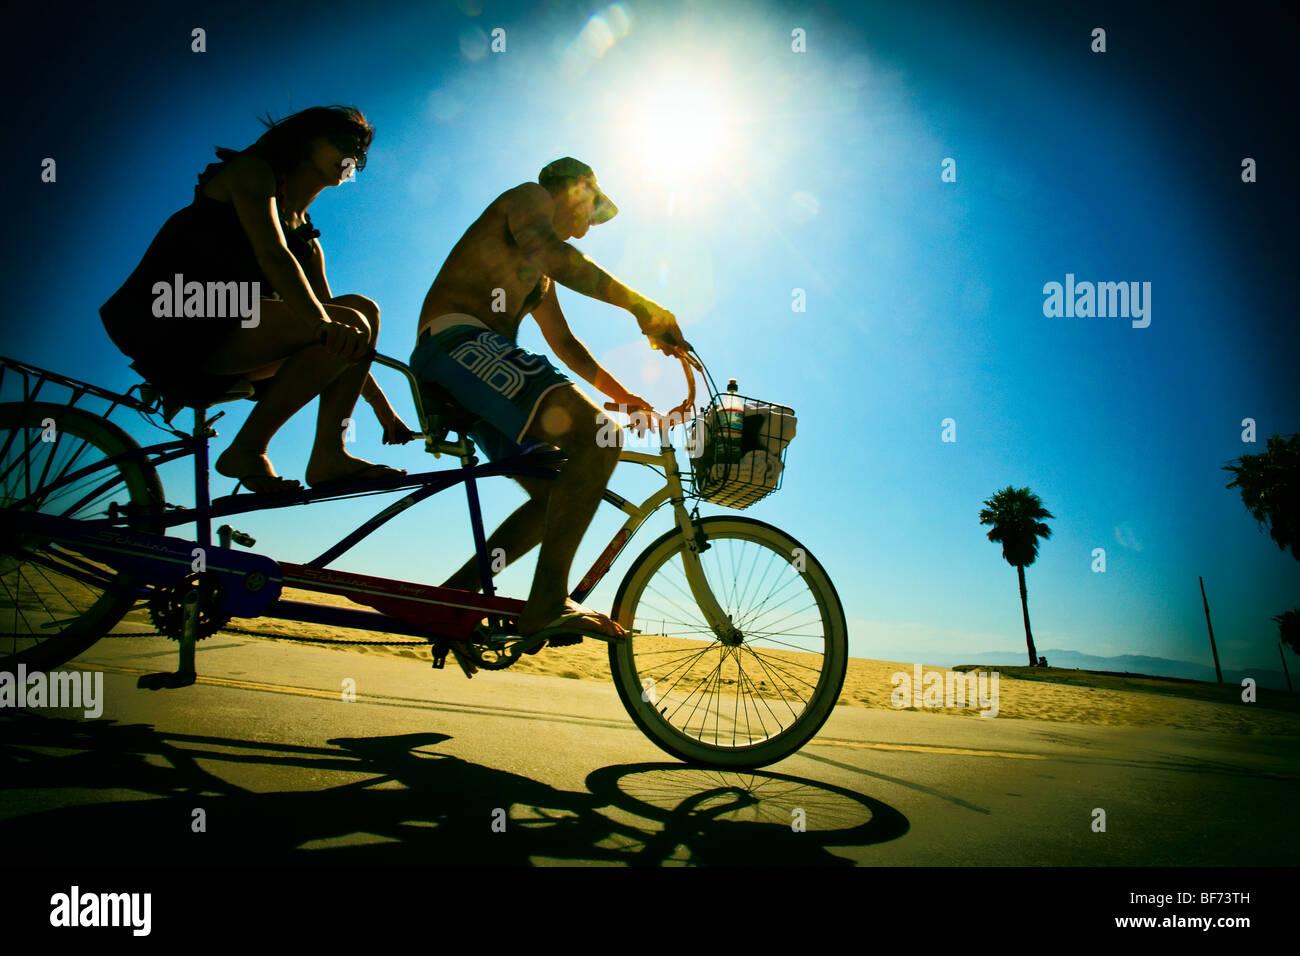 Tandem, bicicletta, Venice Beach, nella contea di Los Angeles, California, Stati Uniti d'America Immagini Stock